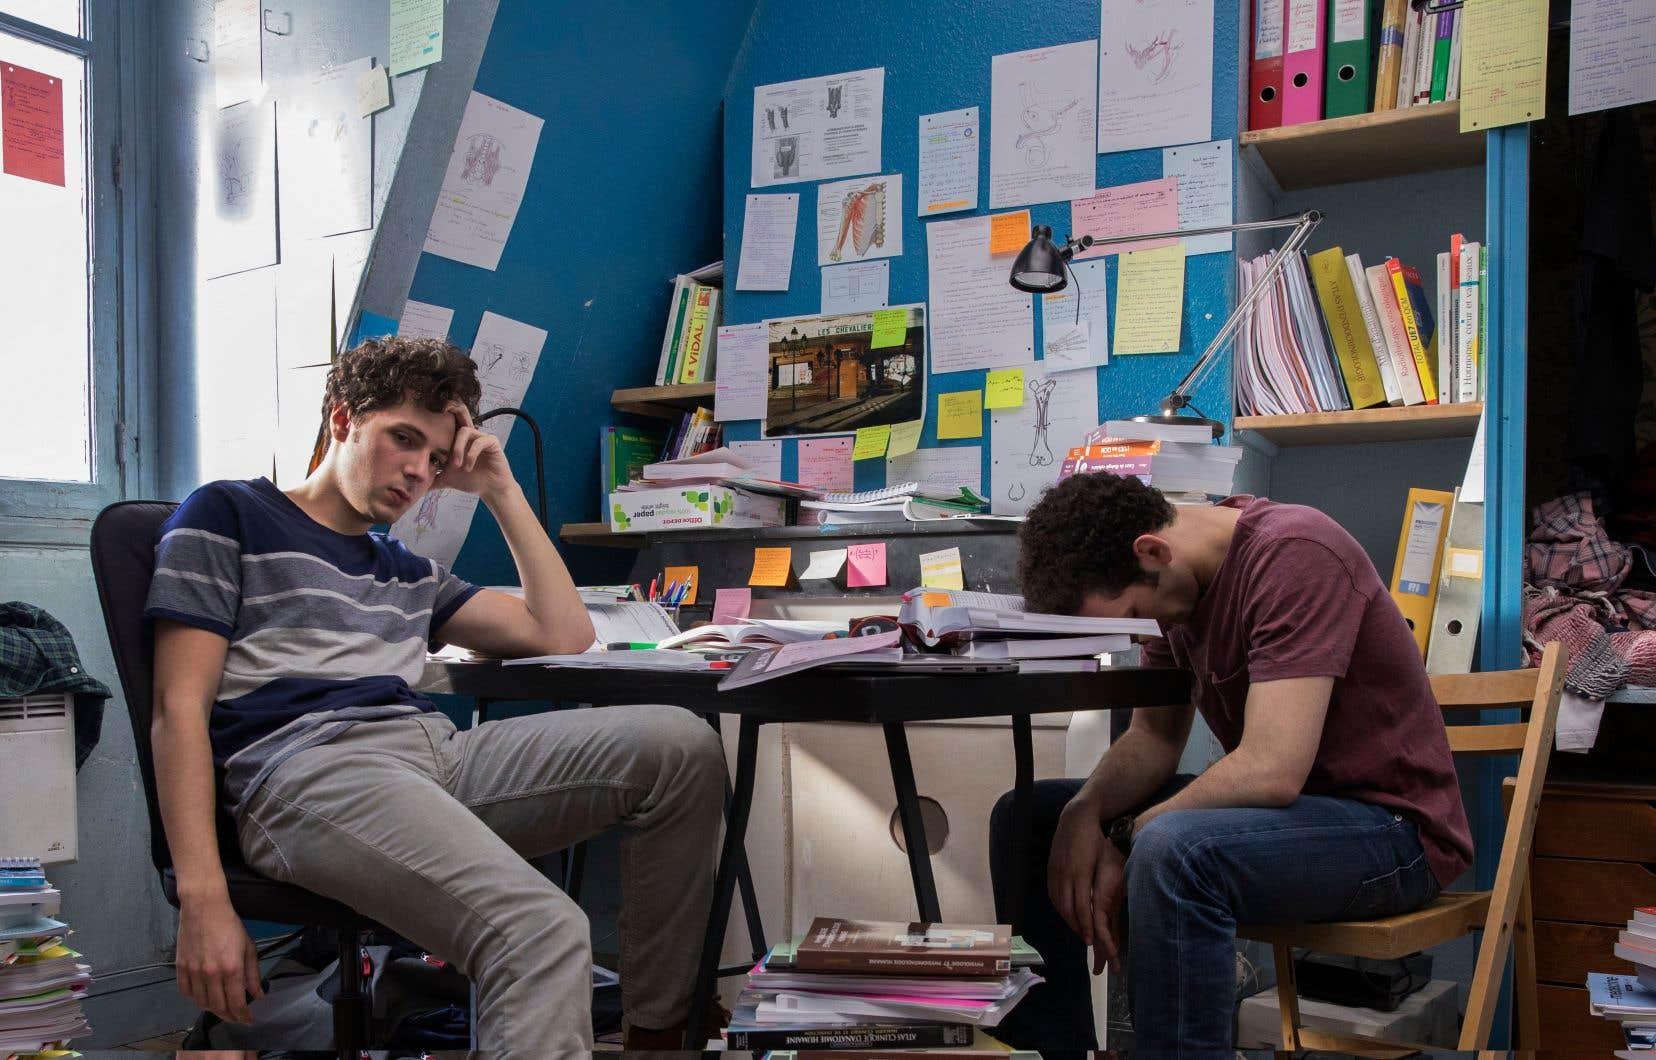 L'amitié entre les deux protagonistes s'offre en contrepoids à la bataille digne du sauve-qui-peut qui s'instaure dans la comédie dramatique «Première année».